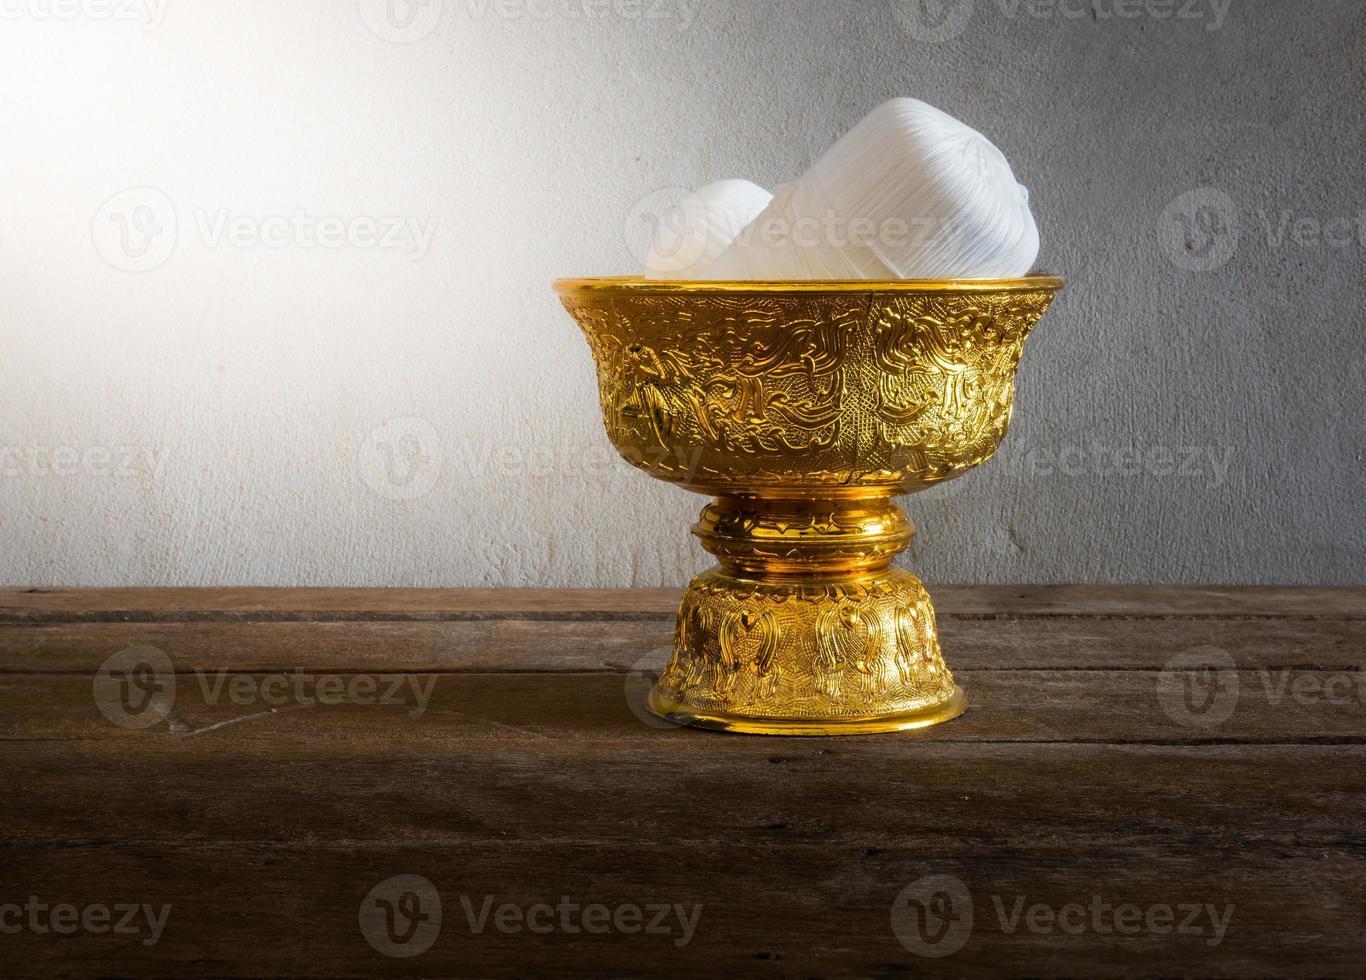 fil sacré en thaïlande plateau d'or avec piédestal photo